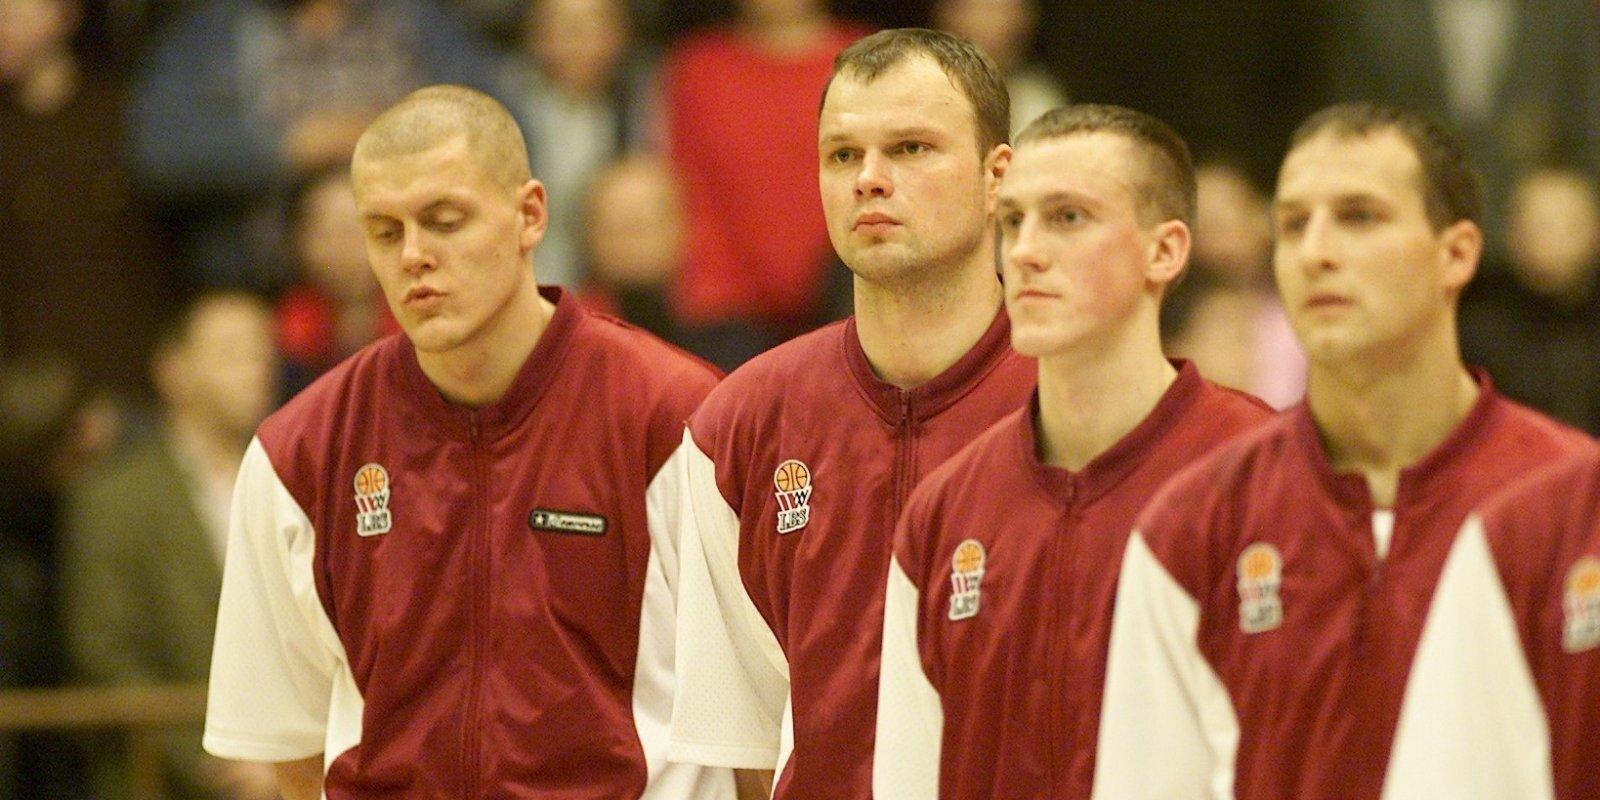 Izcilās komandas: No pagraba uz balli... Basketbola izlase zaudē Anglijai, bet uzvar Lietuvu